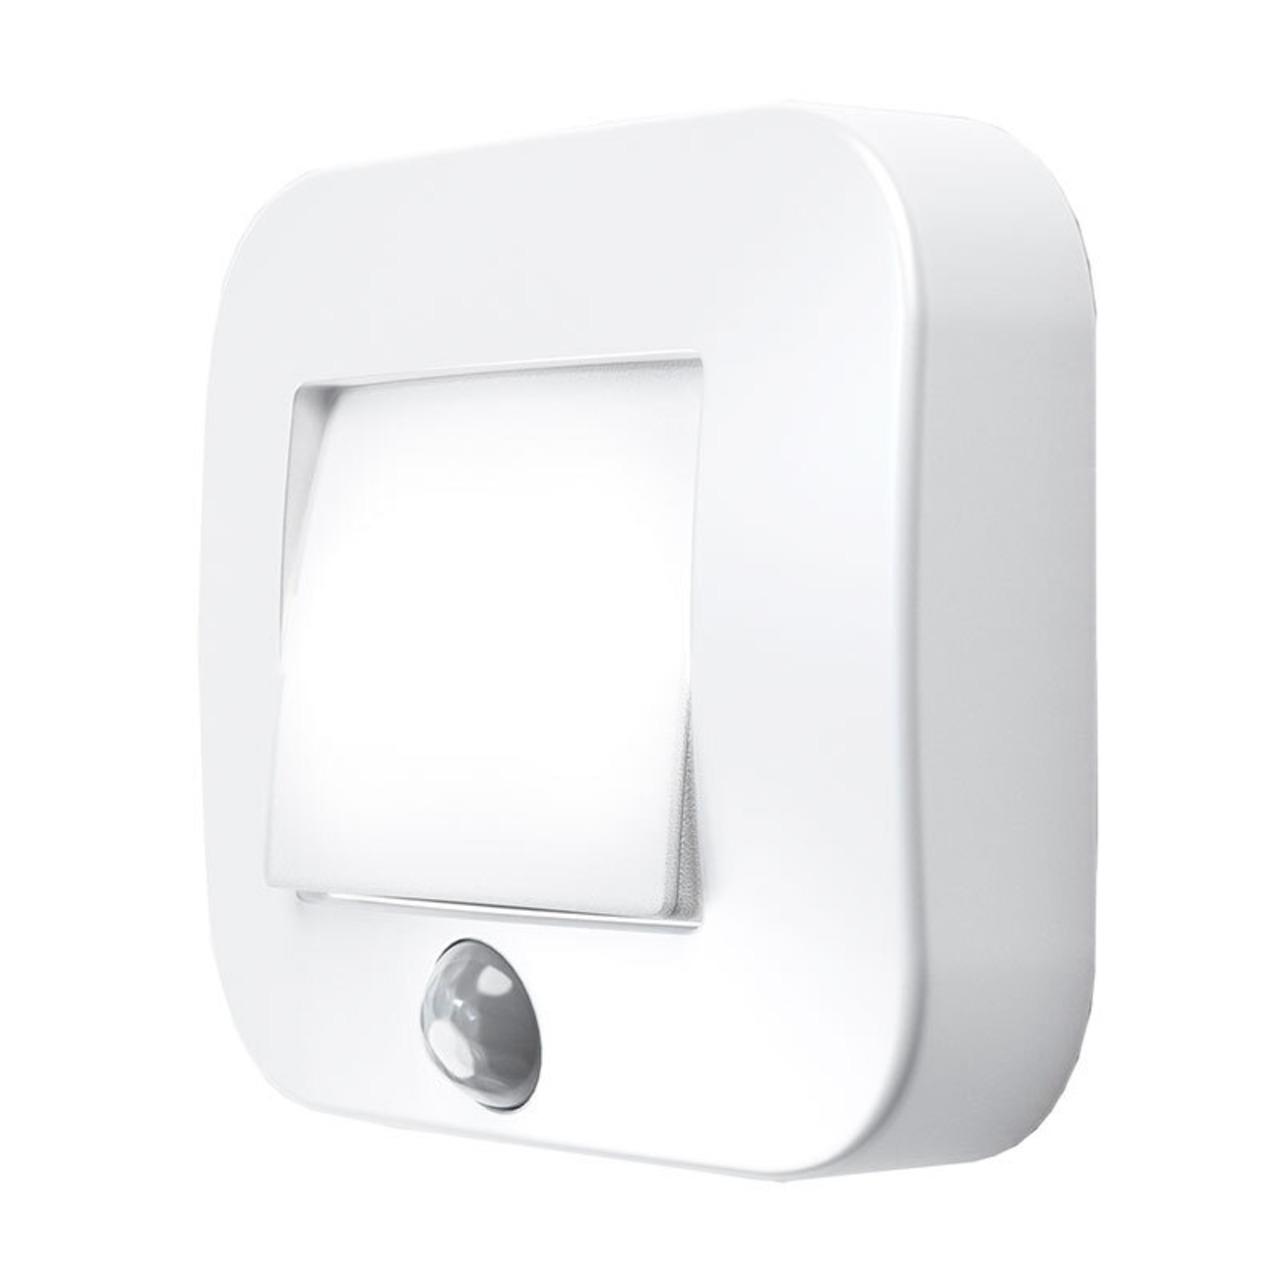 Ledvance Nightlux Batterie-LED-Licht mit Bewegungsmelder- weiss